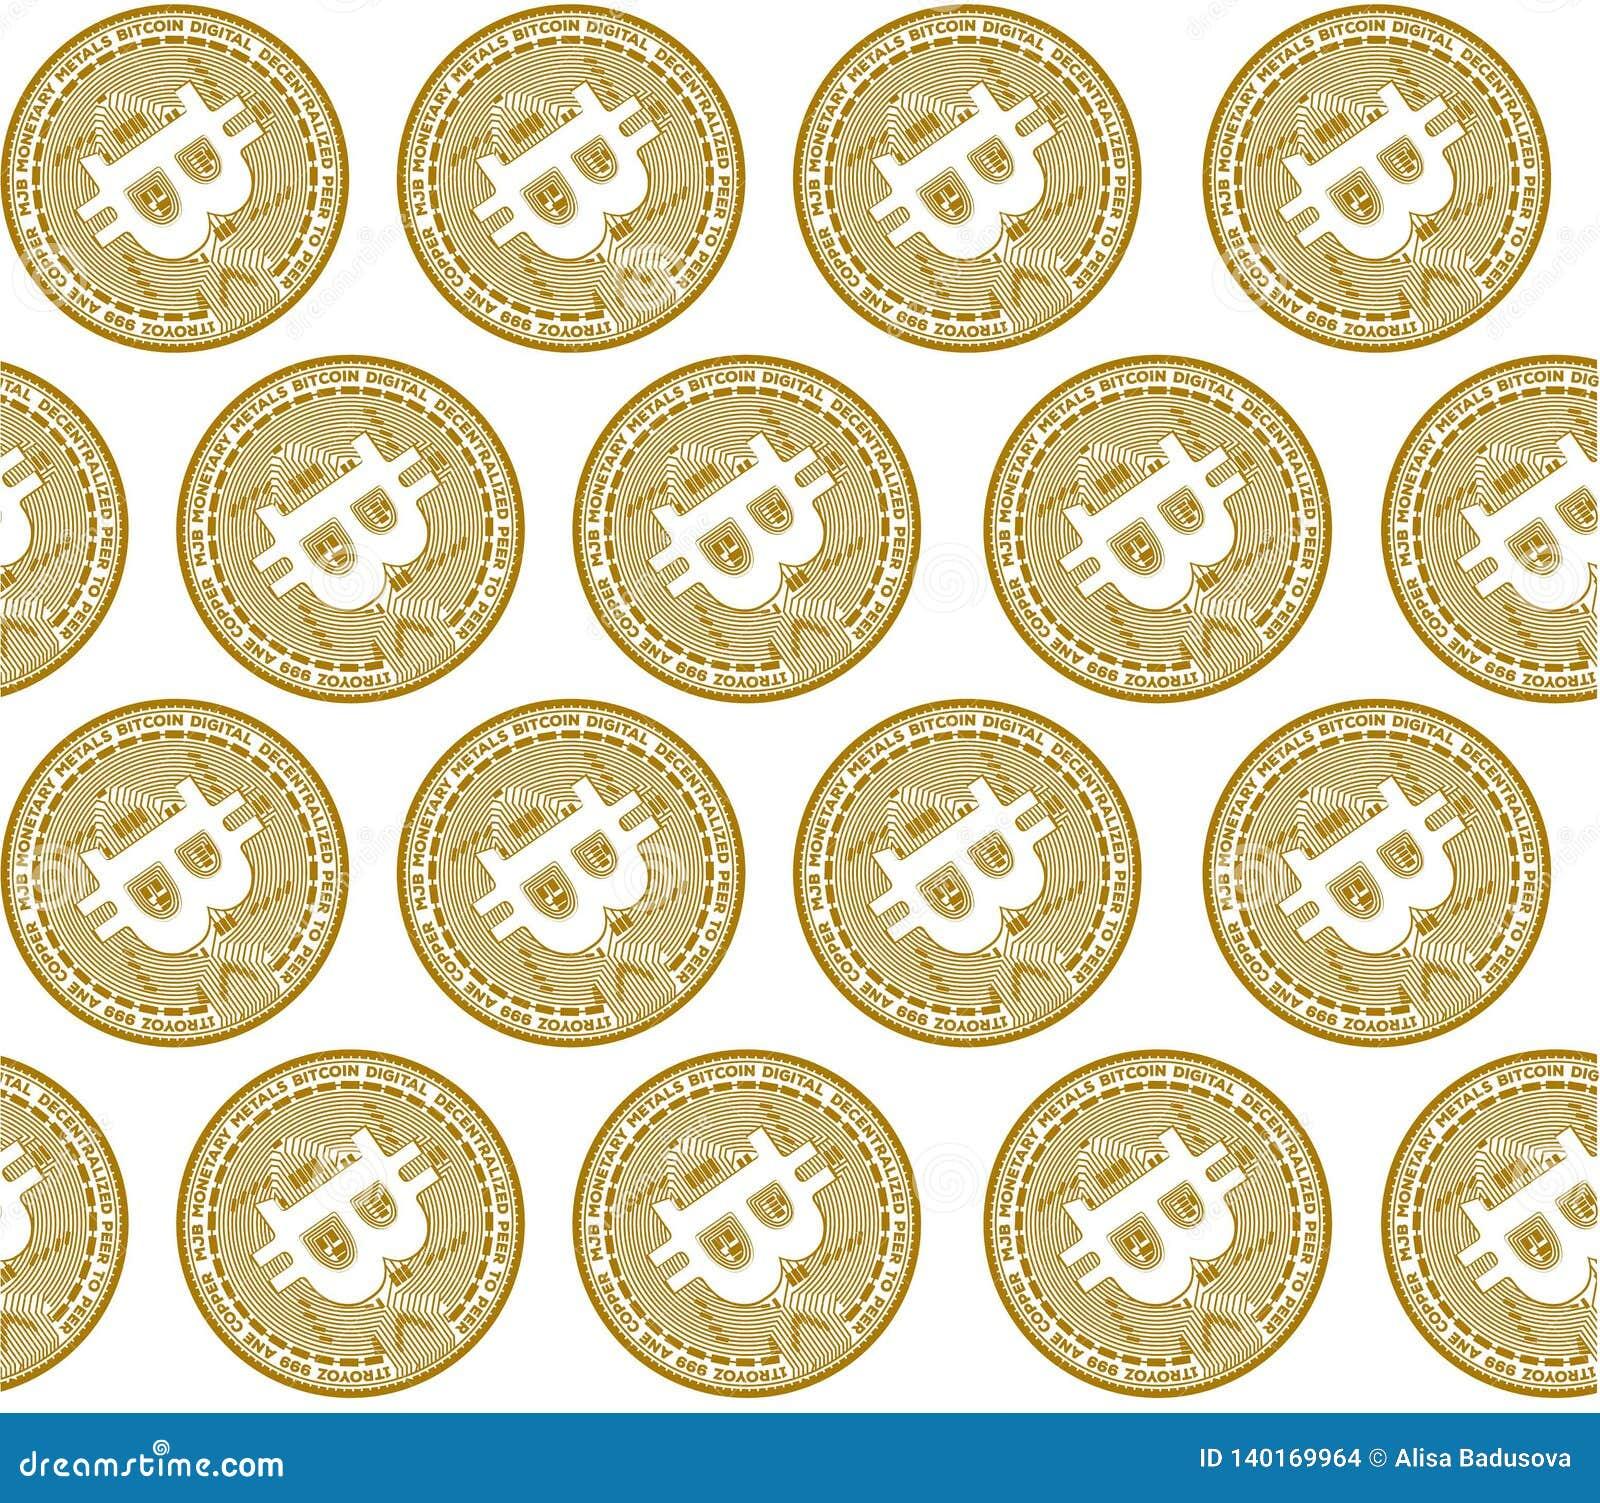 bitcoin con cc